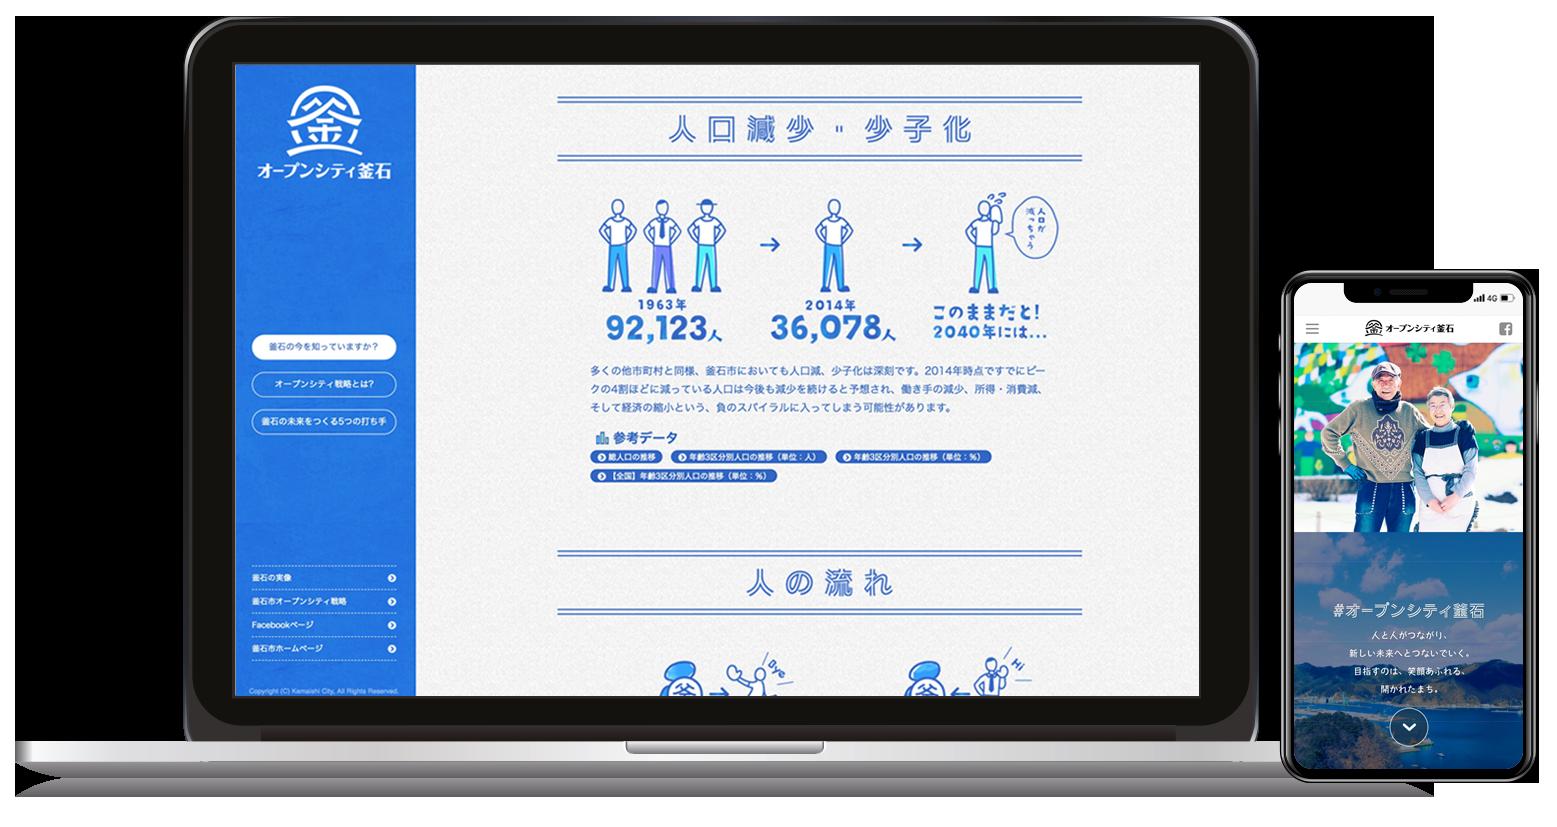 釜石オープンシティ戦略